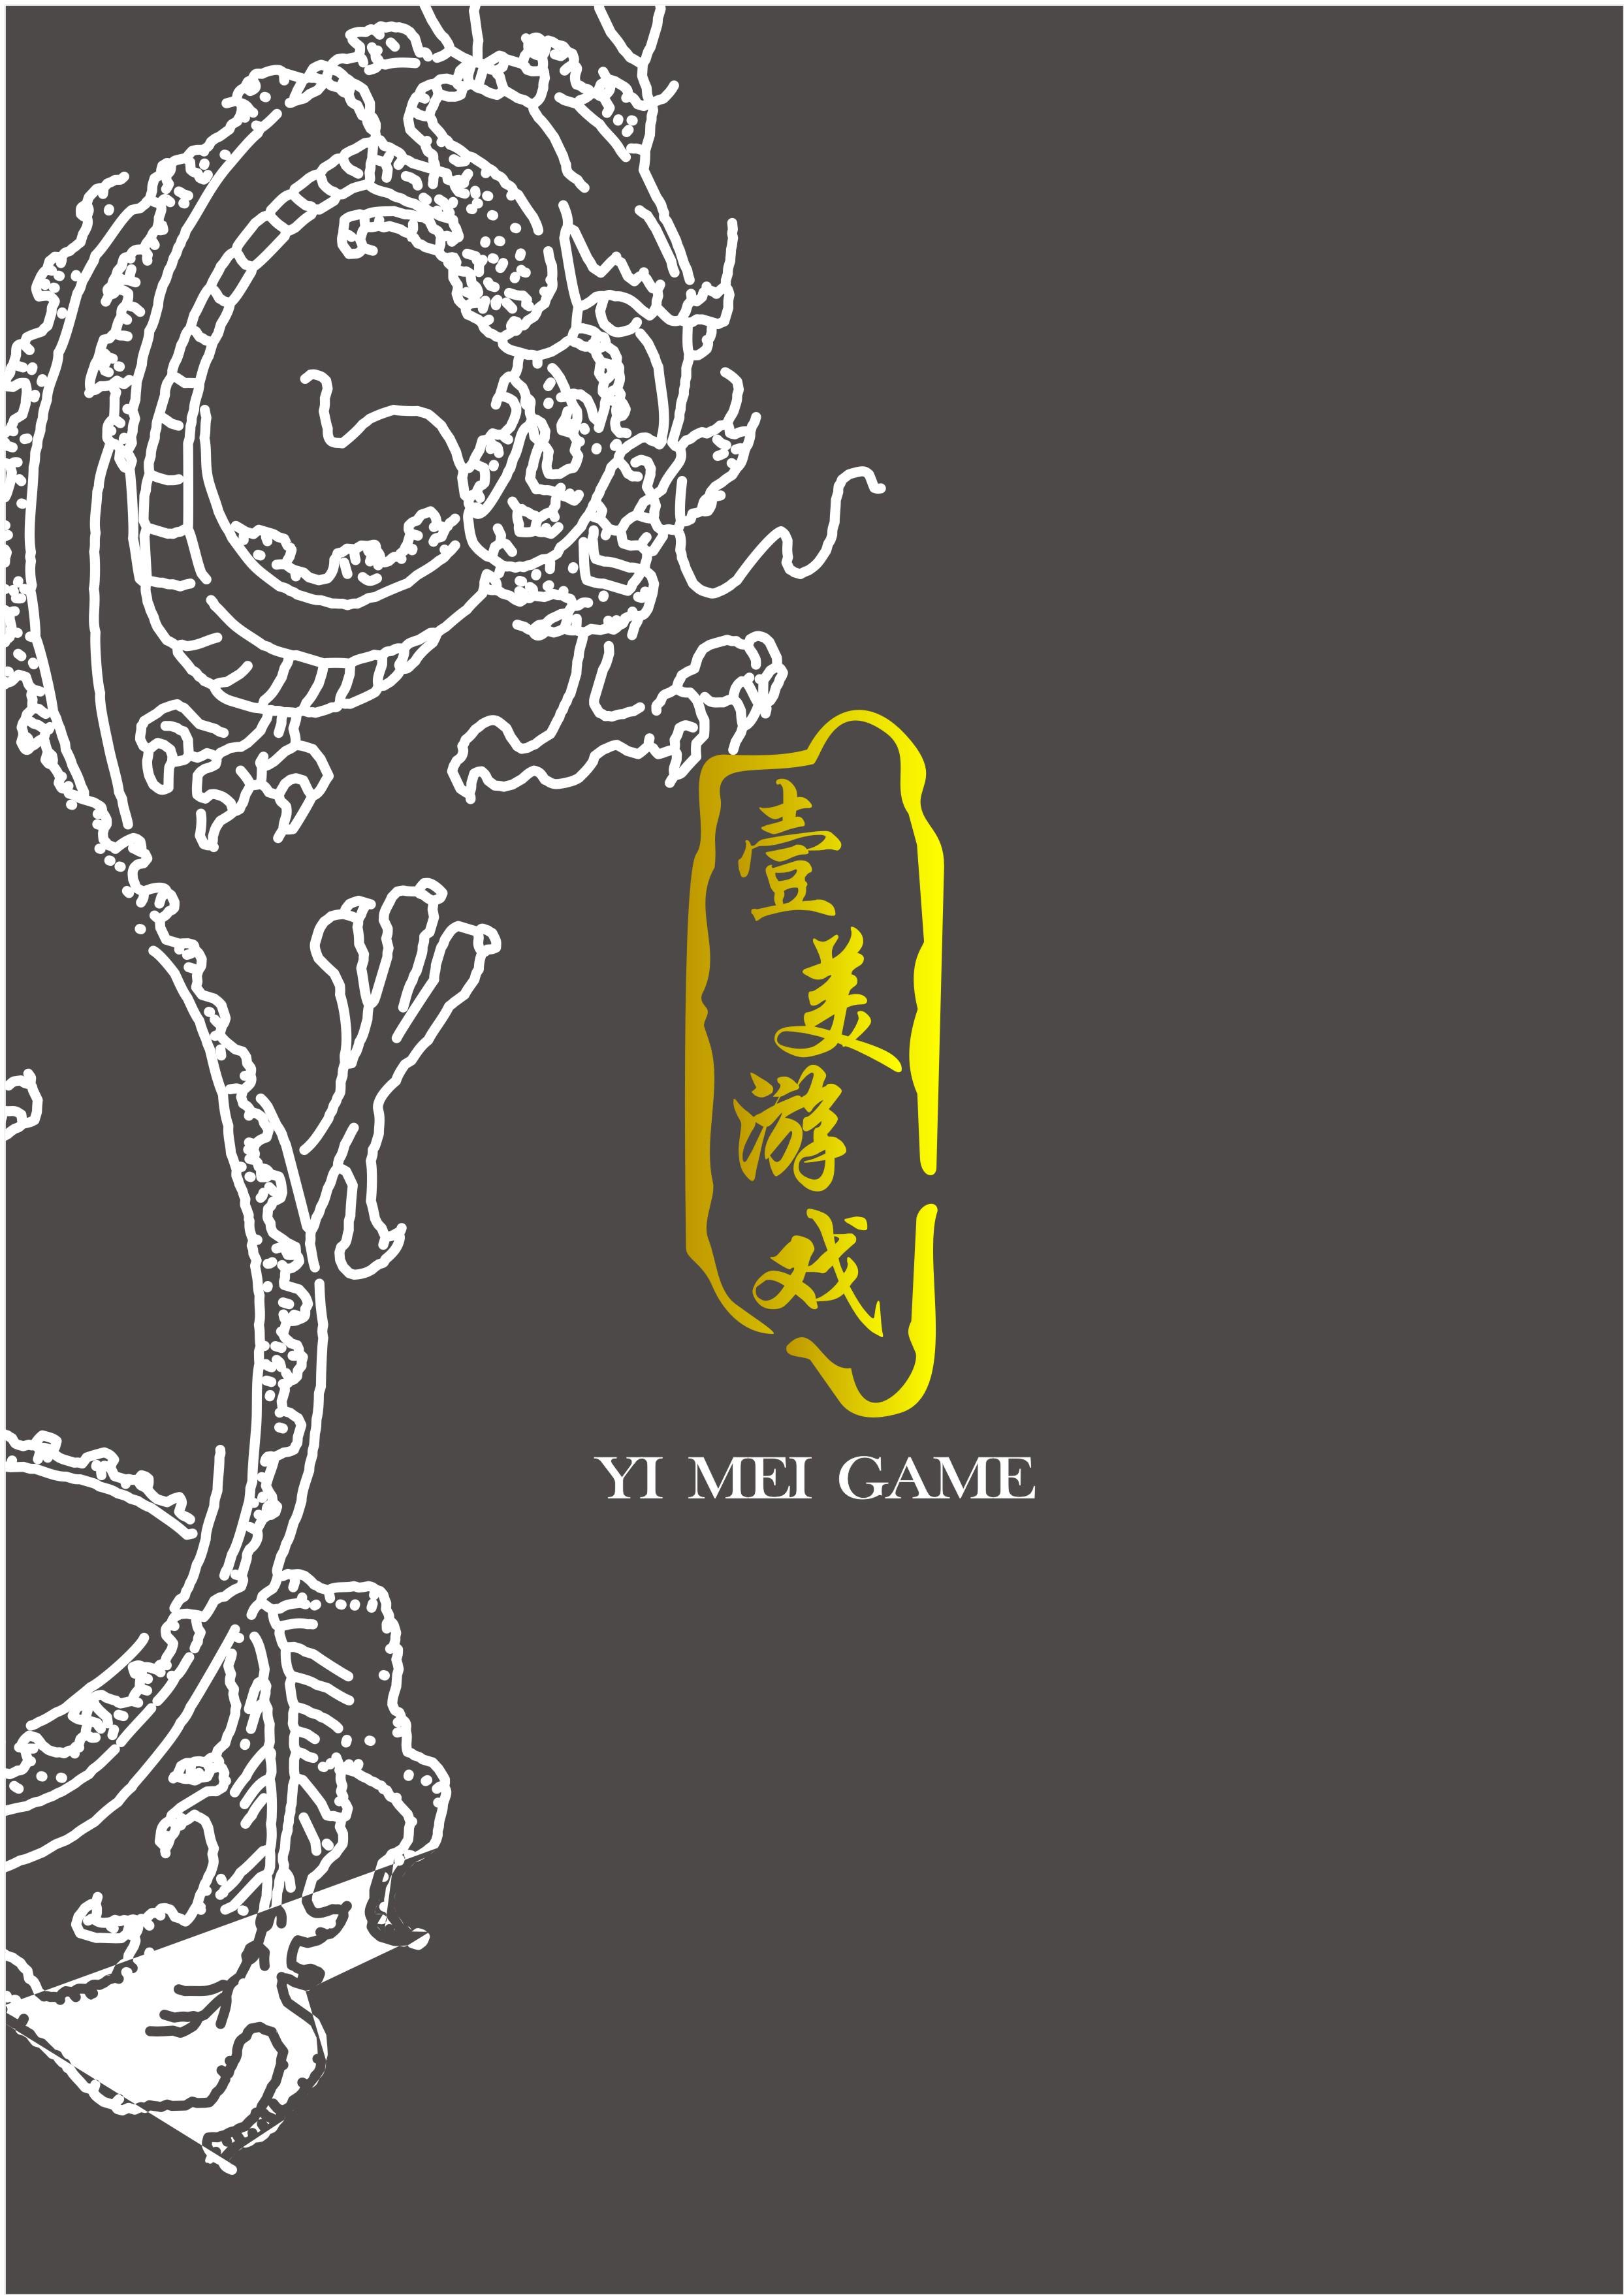 游戏logo设计_logo设计